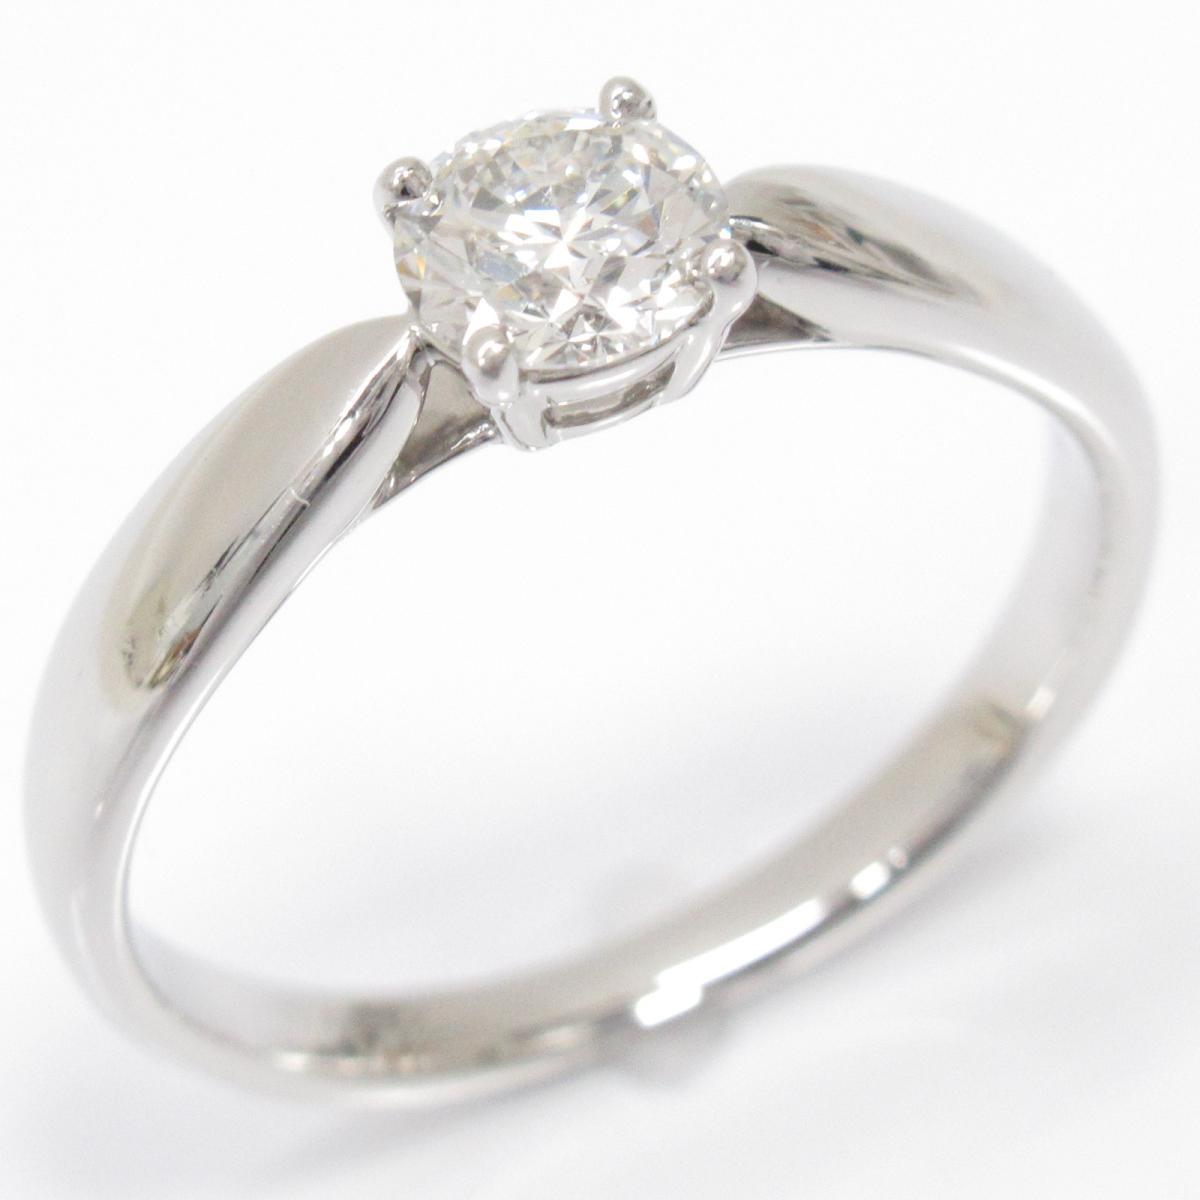 【中古】 ティファニー ハーモニーリング 指輪 レディース PT950 プラチナ x ダイヤモンド0.35ct   TIFFANY&CO BRANDOFF ブランドオフ ブランド ジュエリー アクセサリー リング